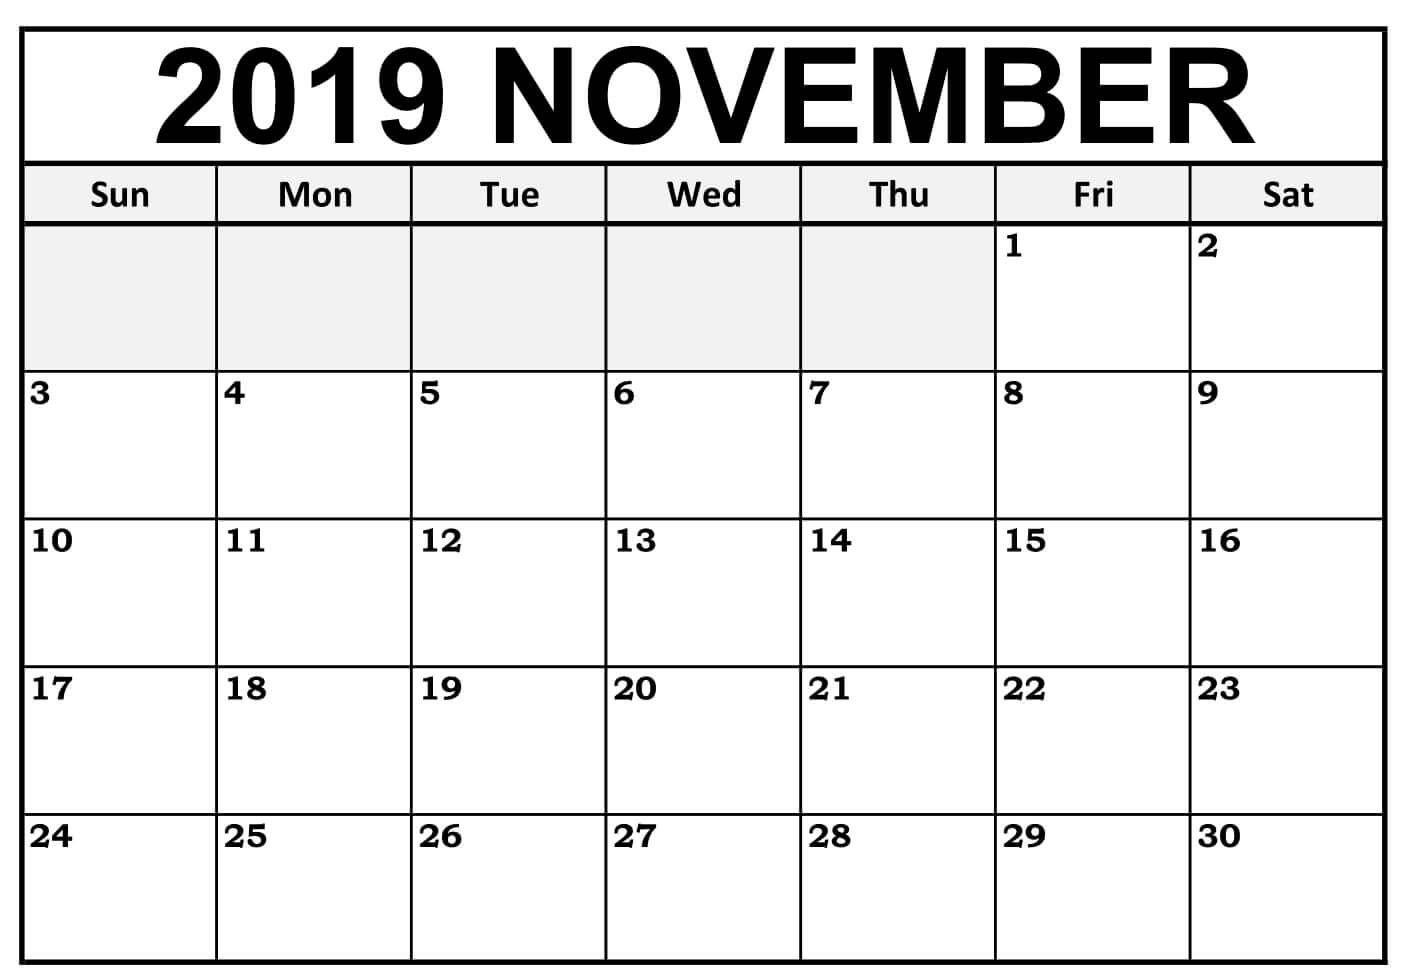 Fillable November 2019 Calendar